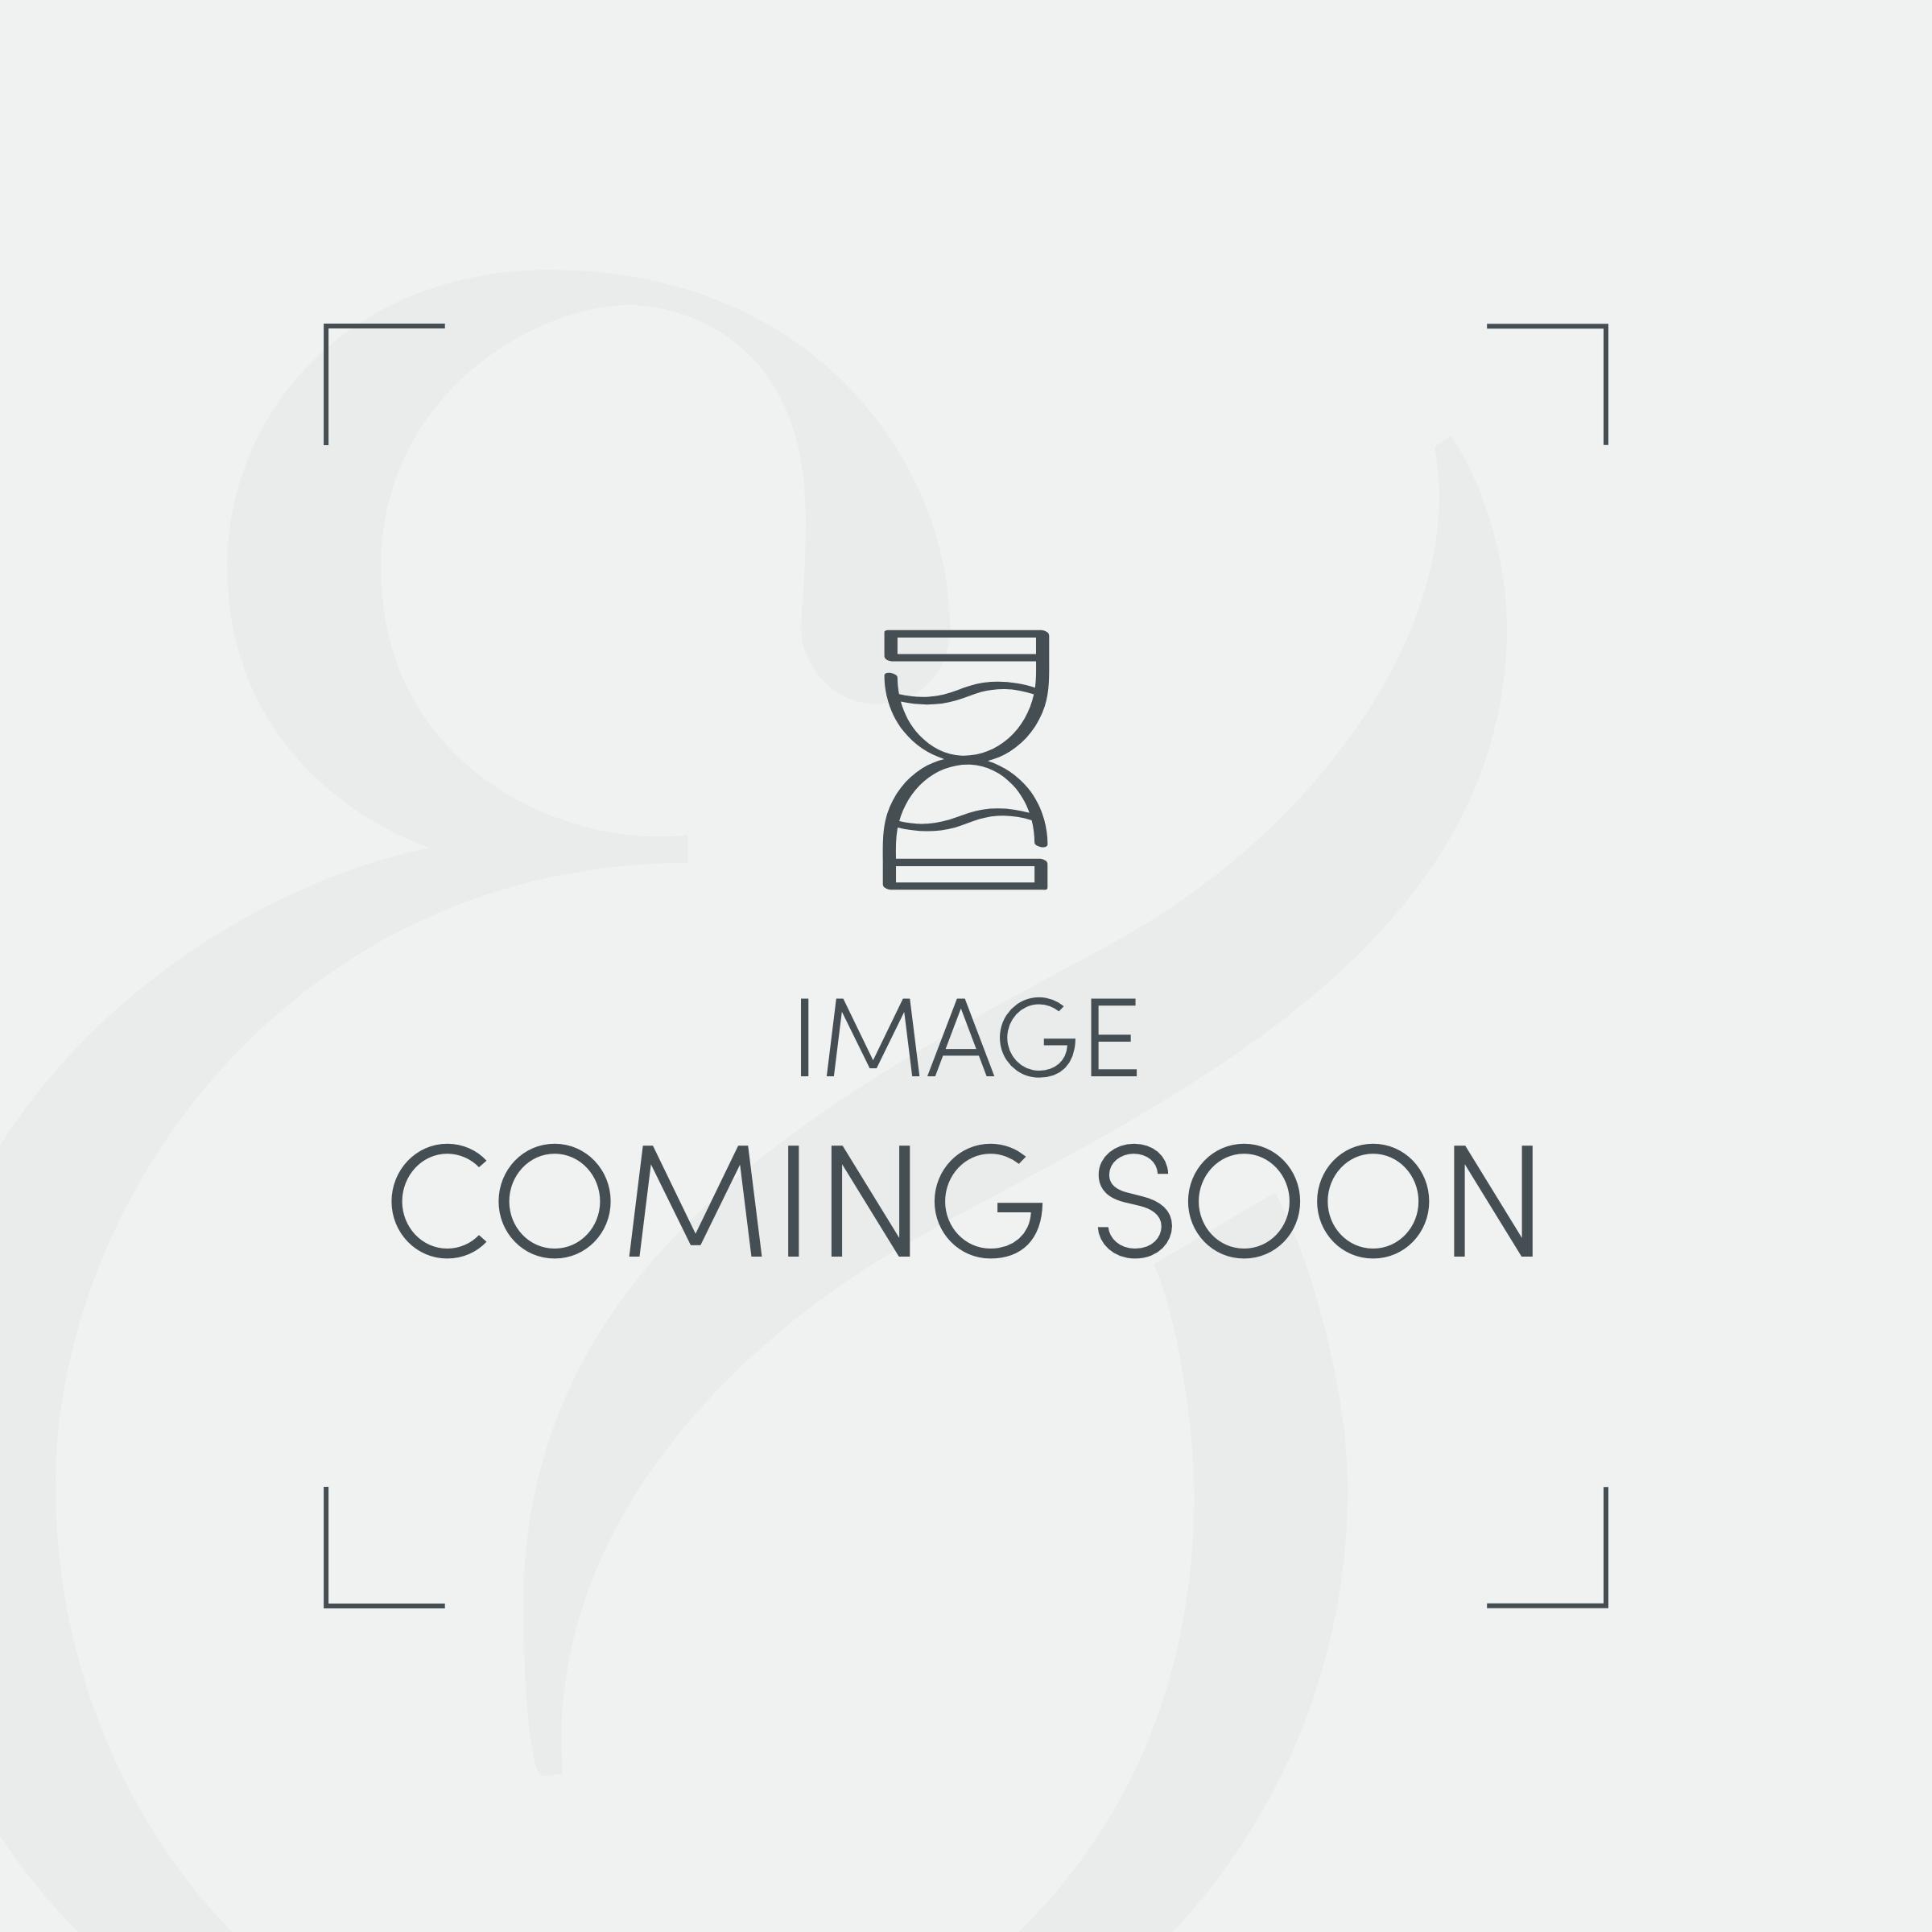 Egyptian Towel Set (2 x Face Cloths, 2 x Hand Towels, 2 x Bath Towels) - Cappuccino